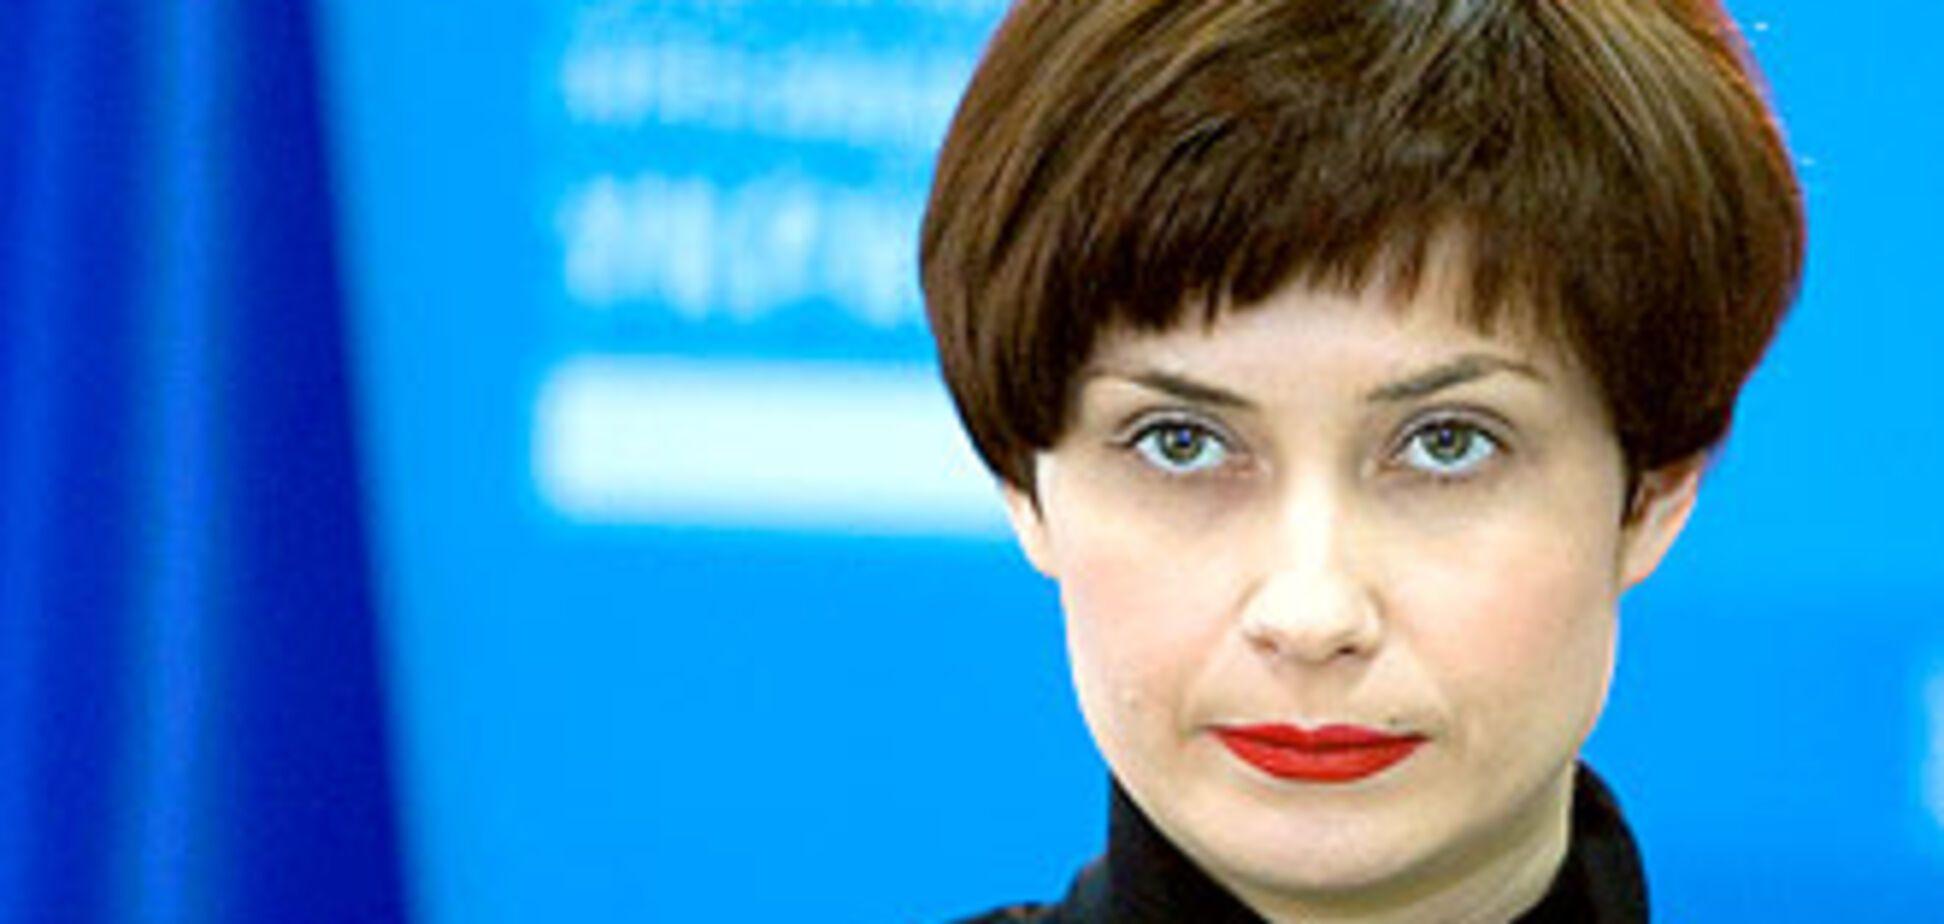 ТОП-5 найбільш відомих прес-секретарів України